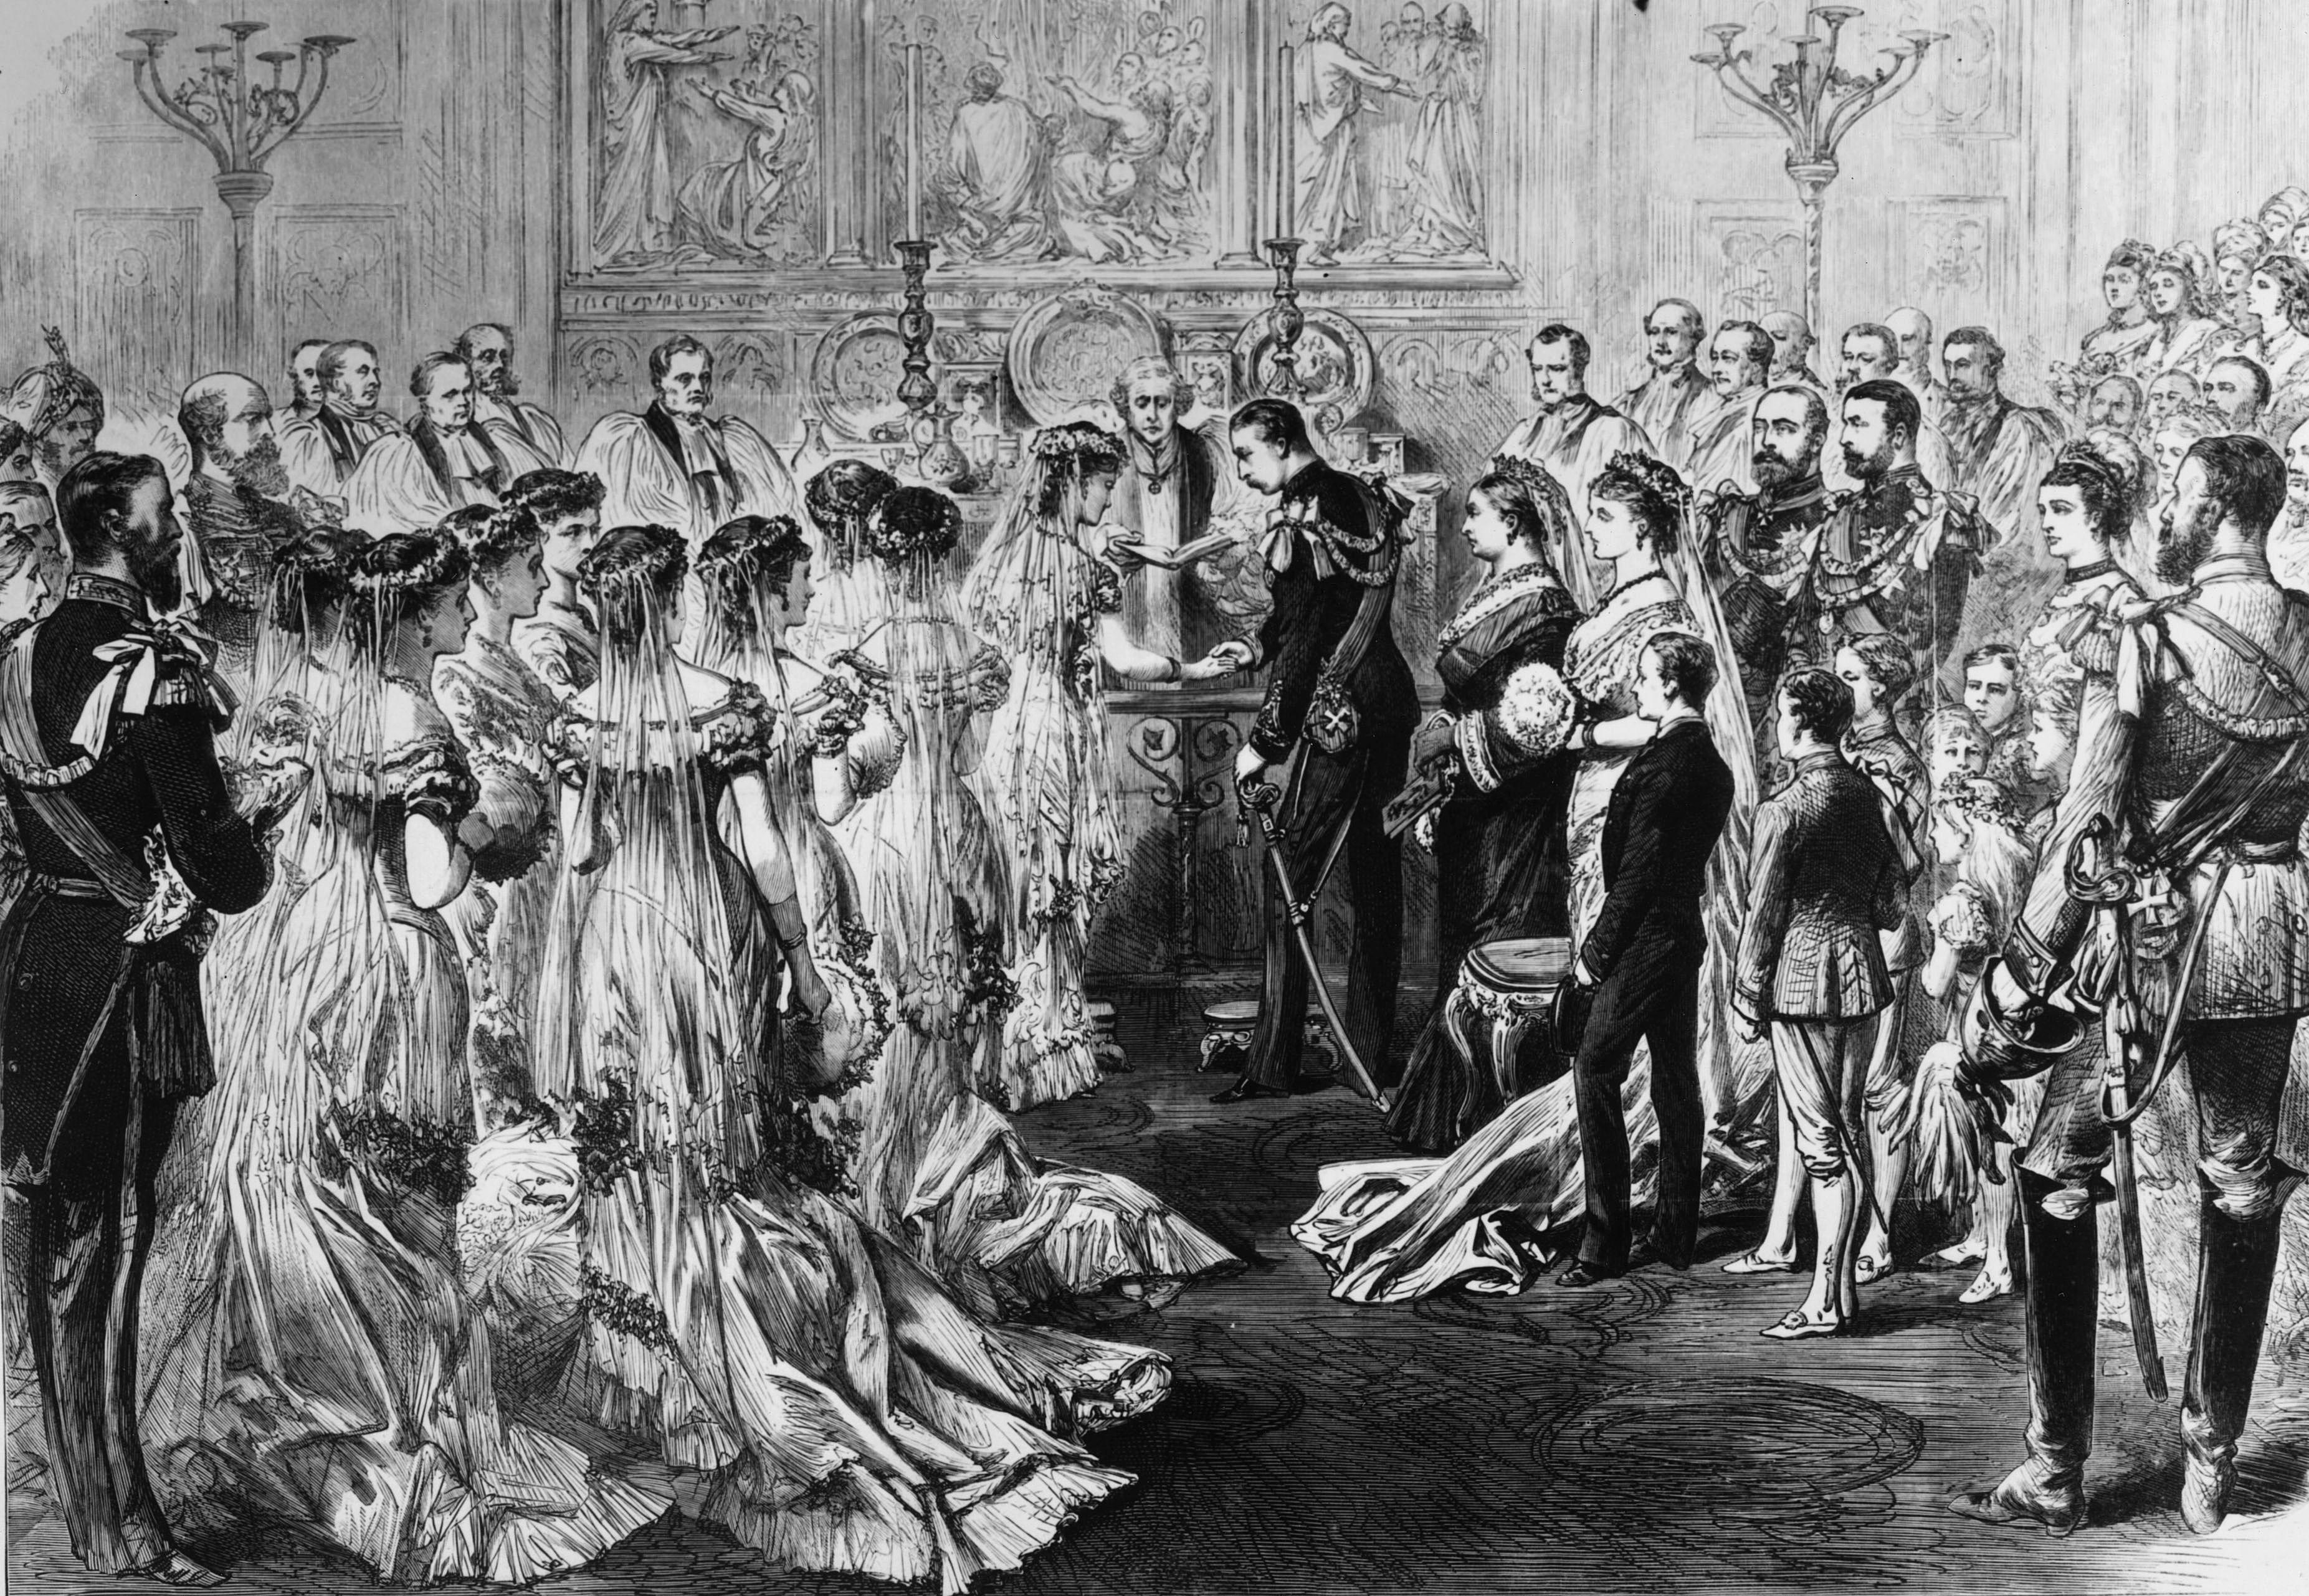 ビクトリア女王の次男、アーサーウィリアムは、1879年にプロシアのルイーズマーガレット王女と結婚します。